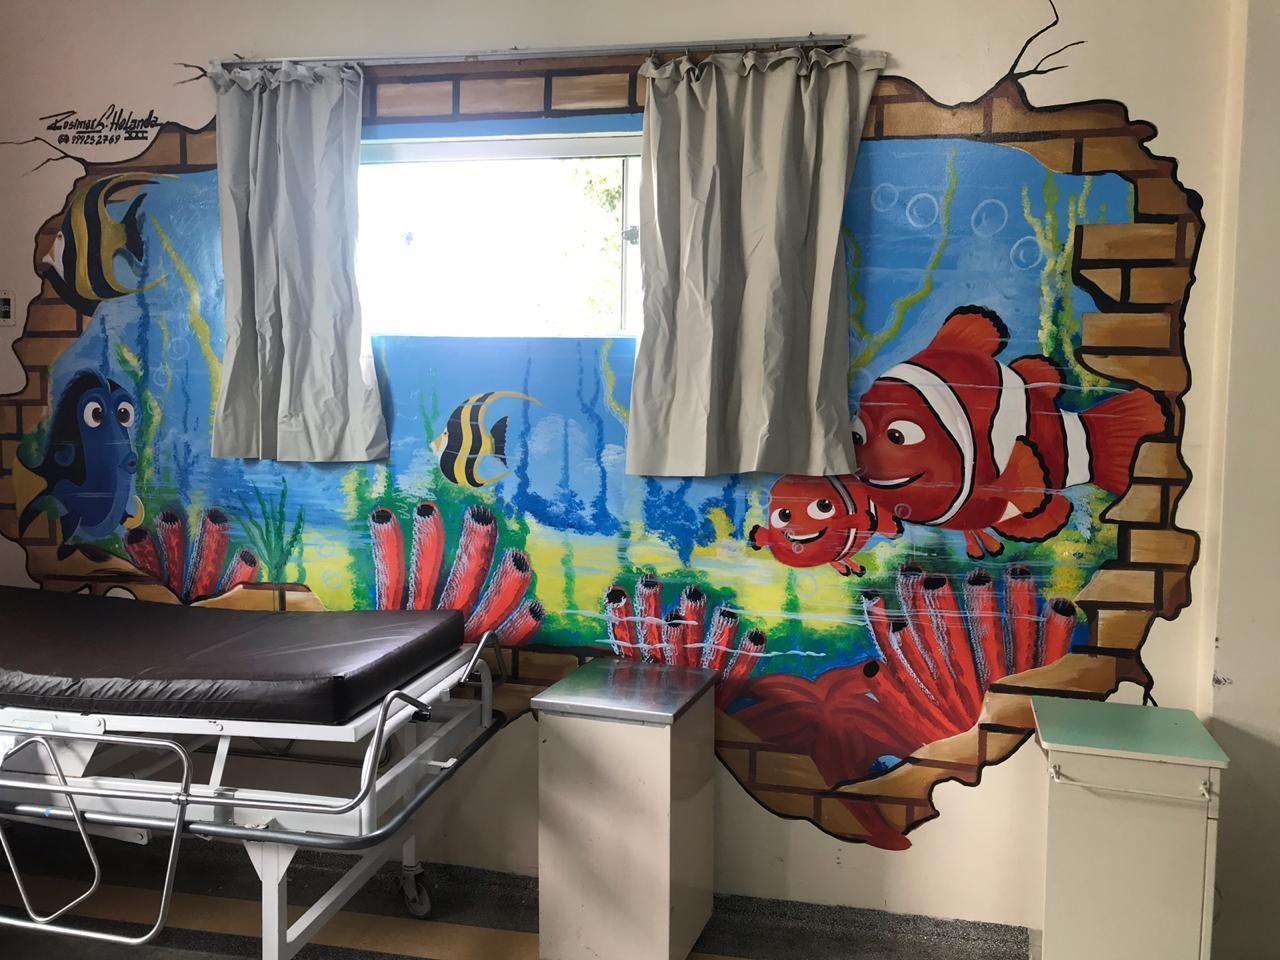 Médico investe R$ 4 mil para incluir desenhos 3D em enfermaria pediátrica no Acre - Notícias - Plantão Diário